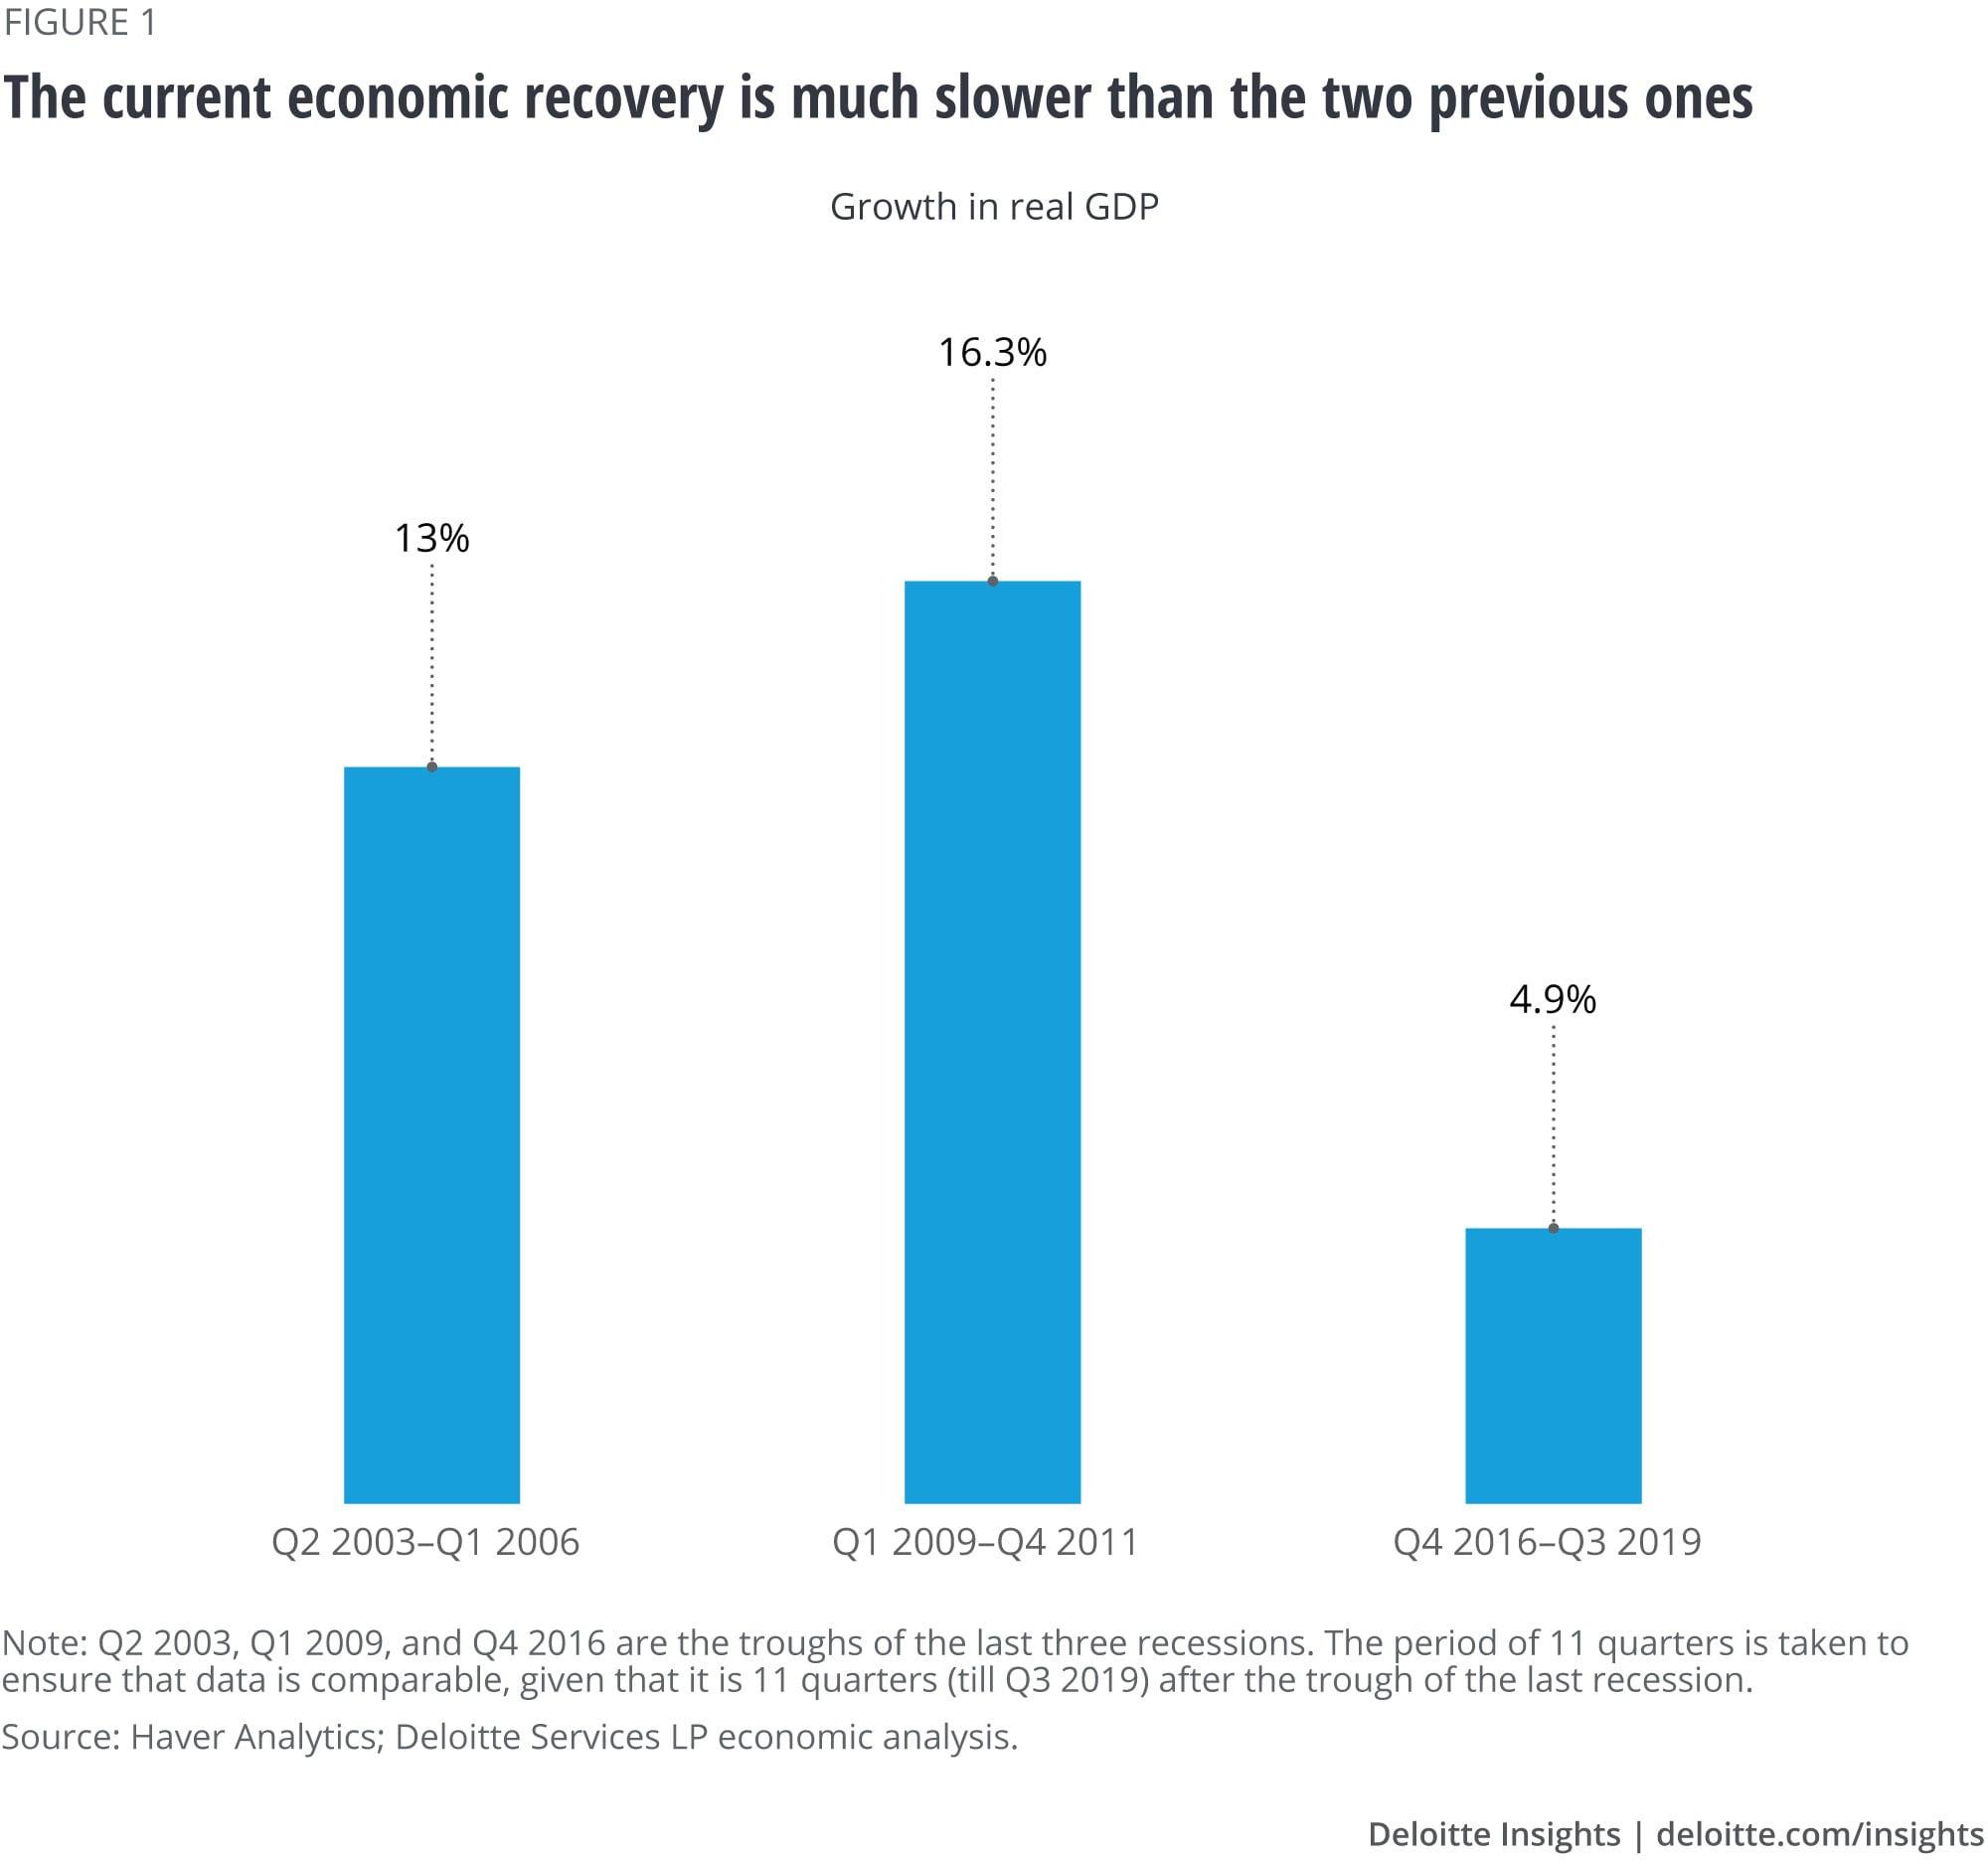 A recuperação econômica atual é muito mais lenta que as duas anteriores